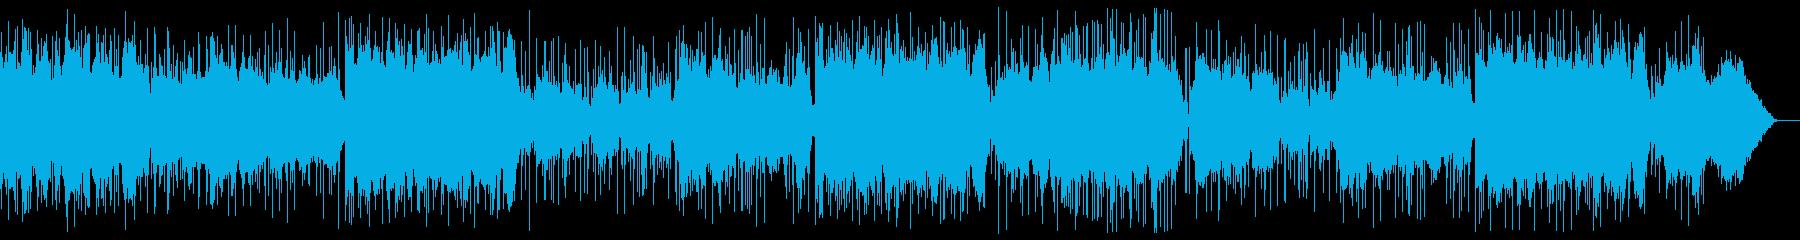 昭和を感じる懐かしいフォークソングの再生済みの波形